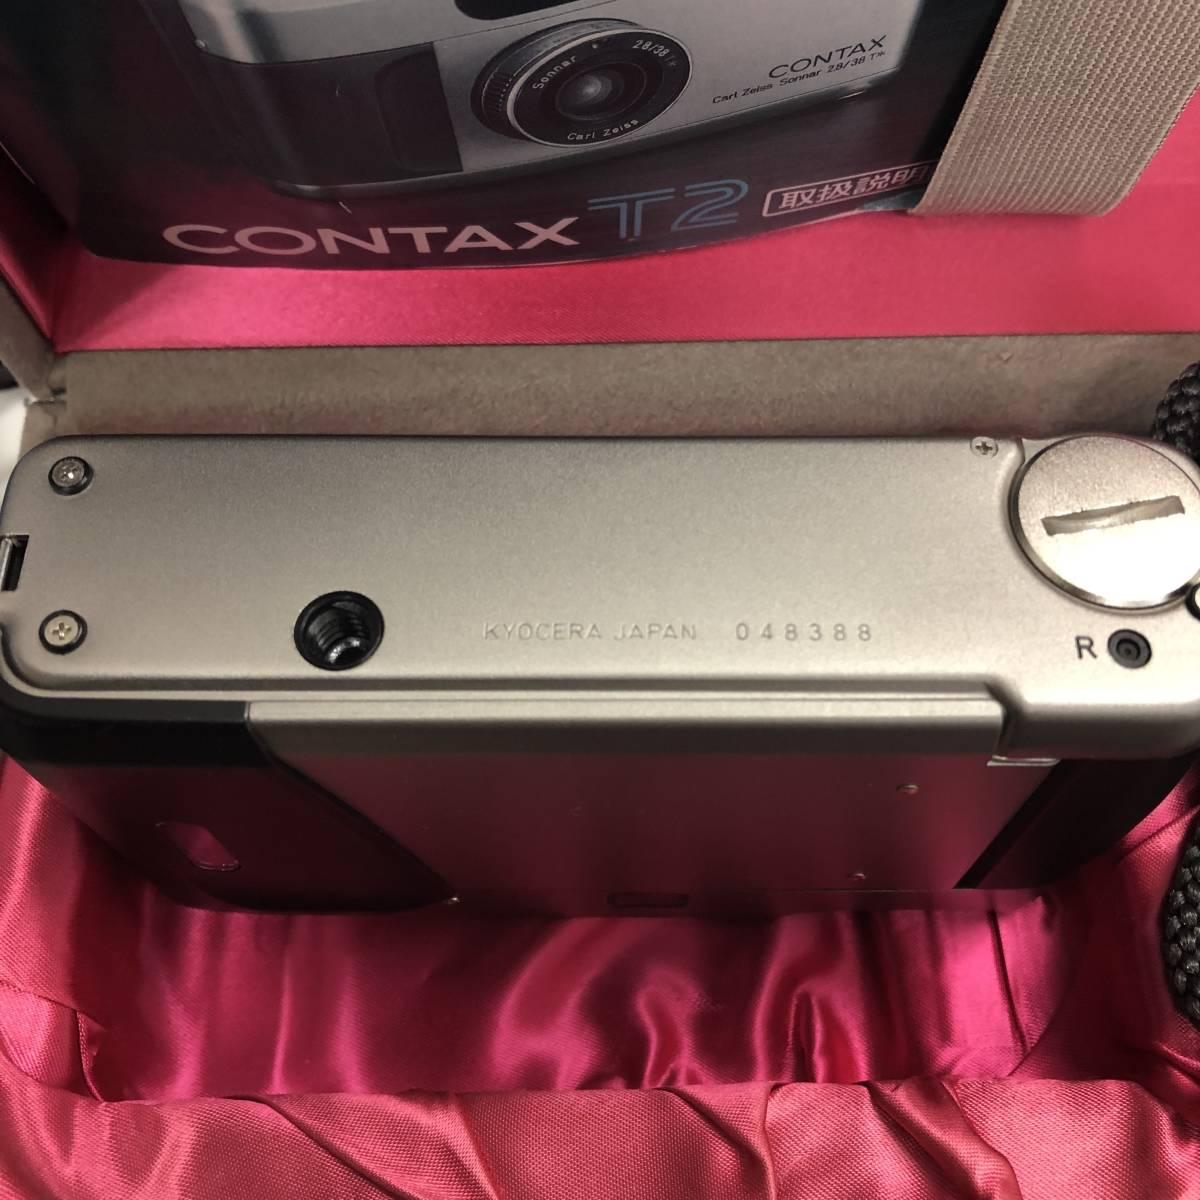 ★美品★ コンタックス CONTAX T2 Sonnar 38mm F2.8 T* コンパクトフィルムカメラ 取扱説明書 元箱 ケース ストラップ付_画像6